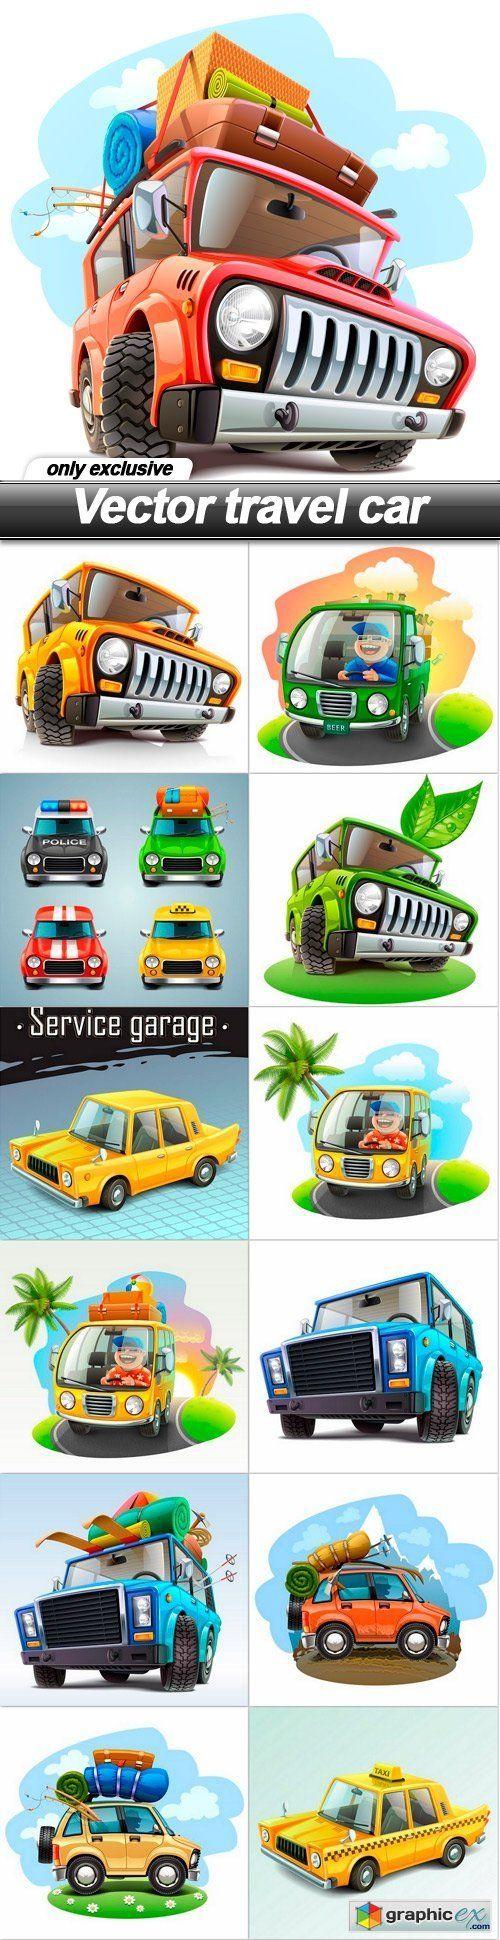 Travel car - 13 EPS